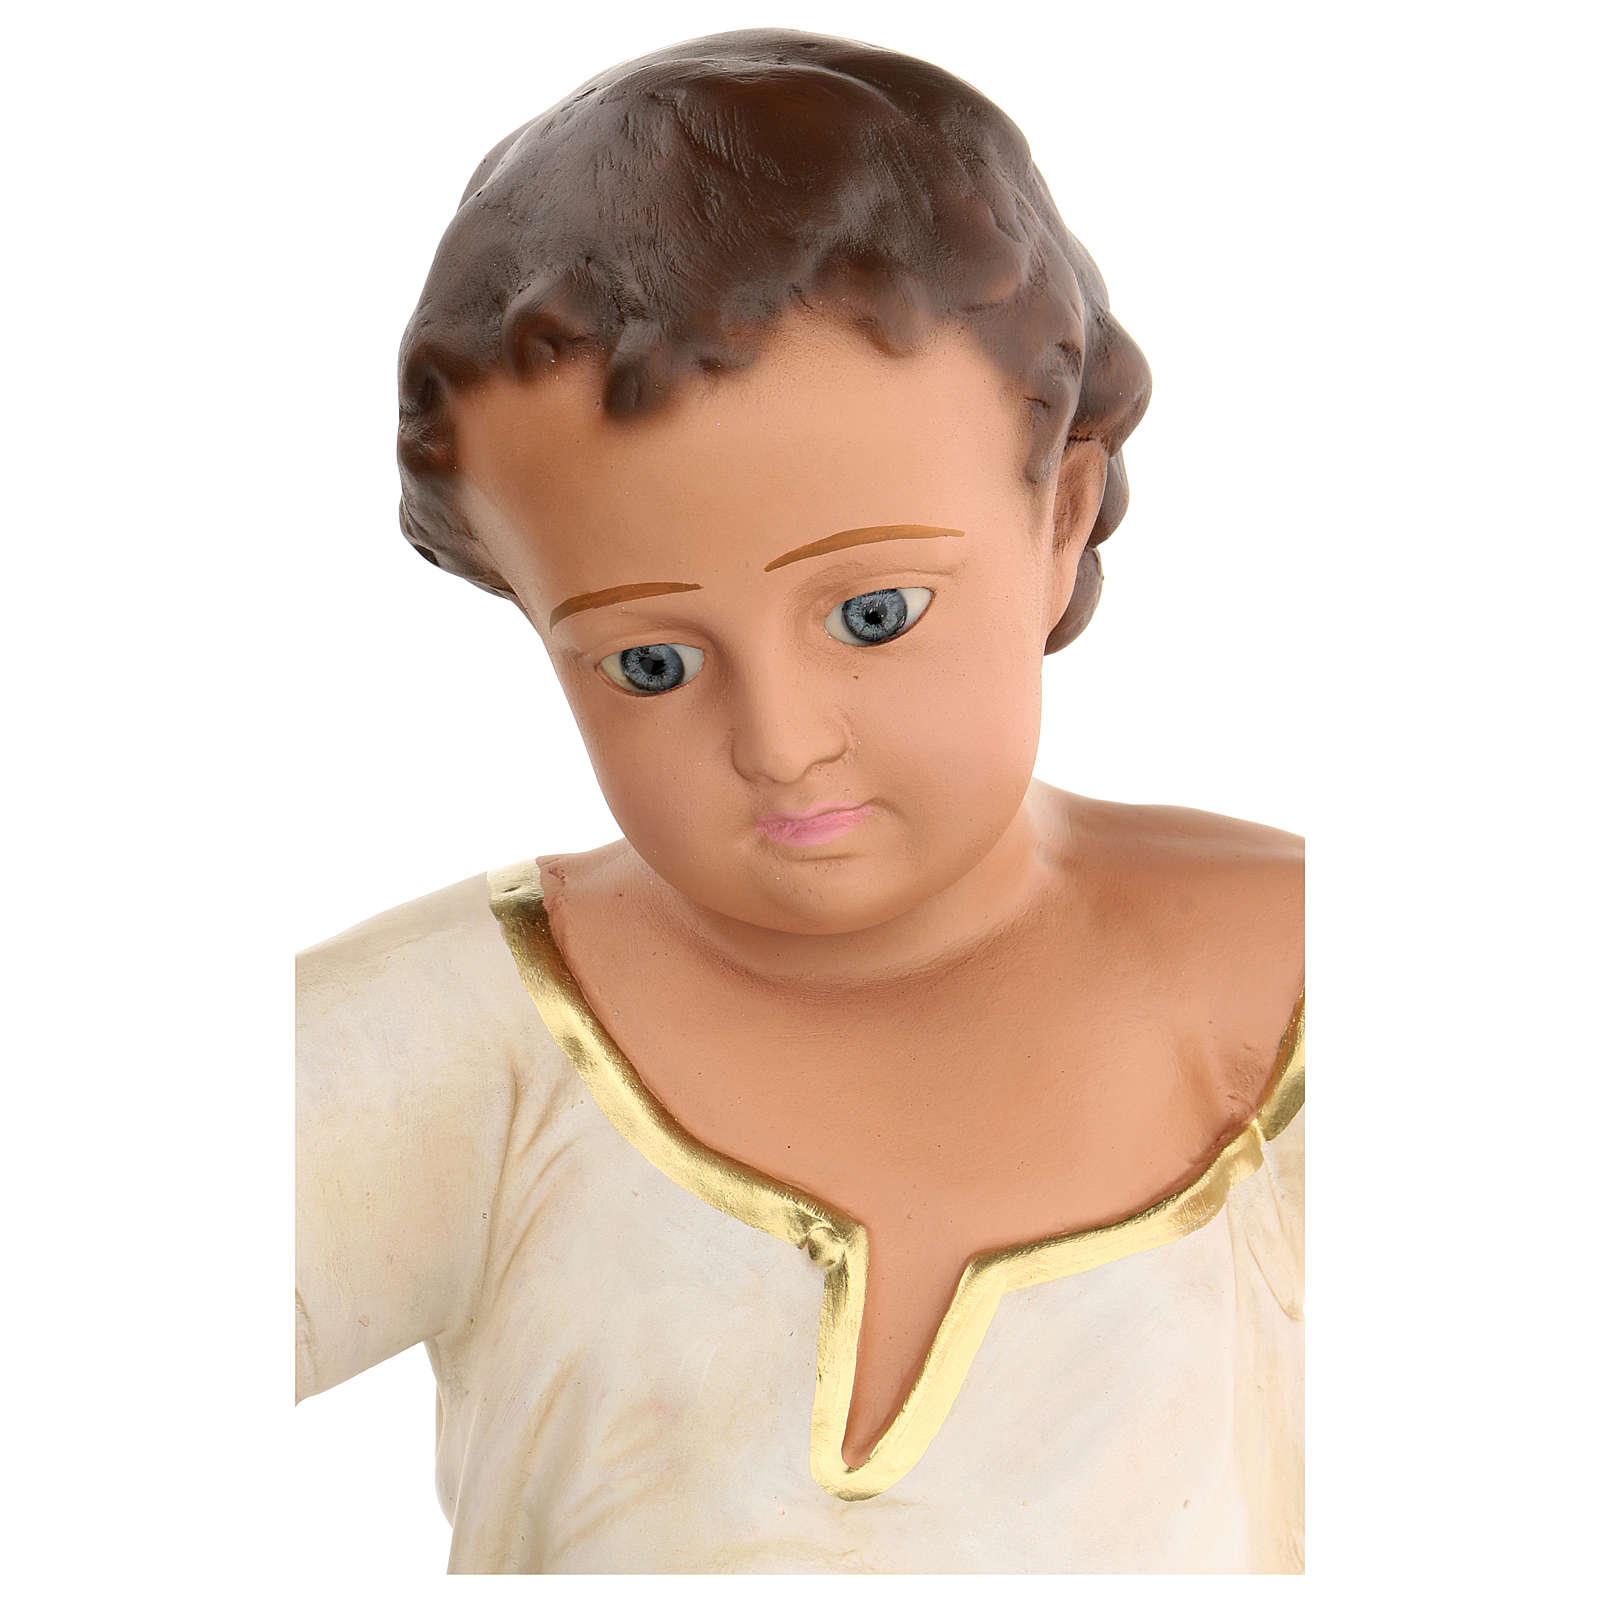 Gesù Bambino h reale 50 cm gesso e occhi in vetro Barsanti 4